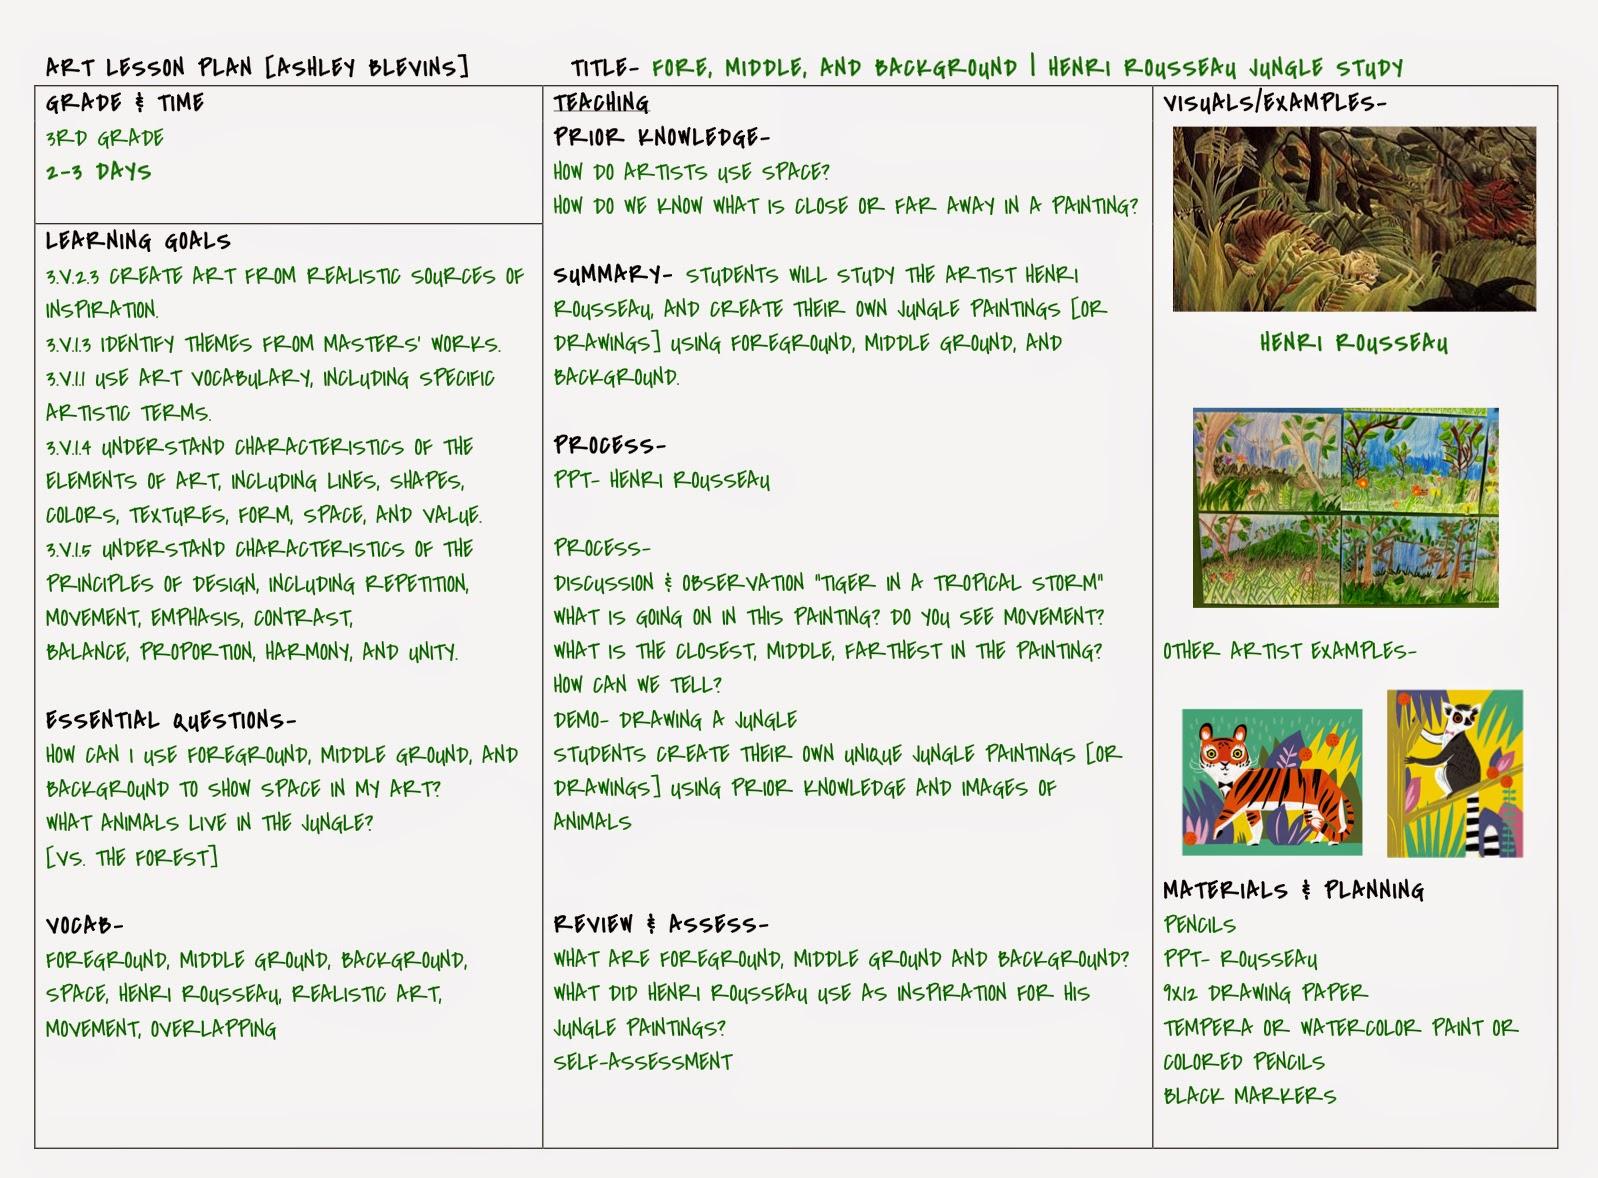 ART LESSON PLAN 3rd grade rousseau jungle